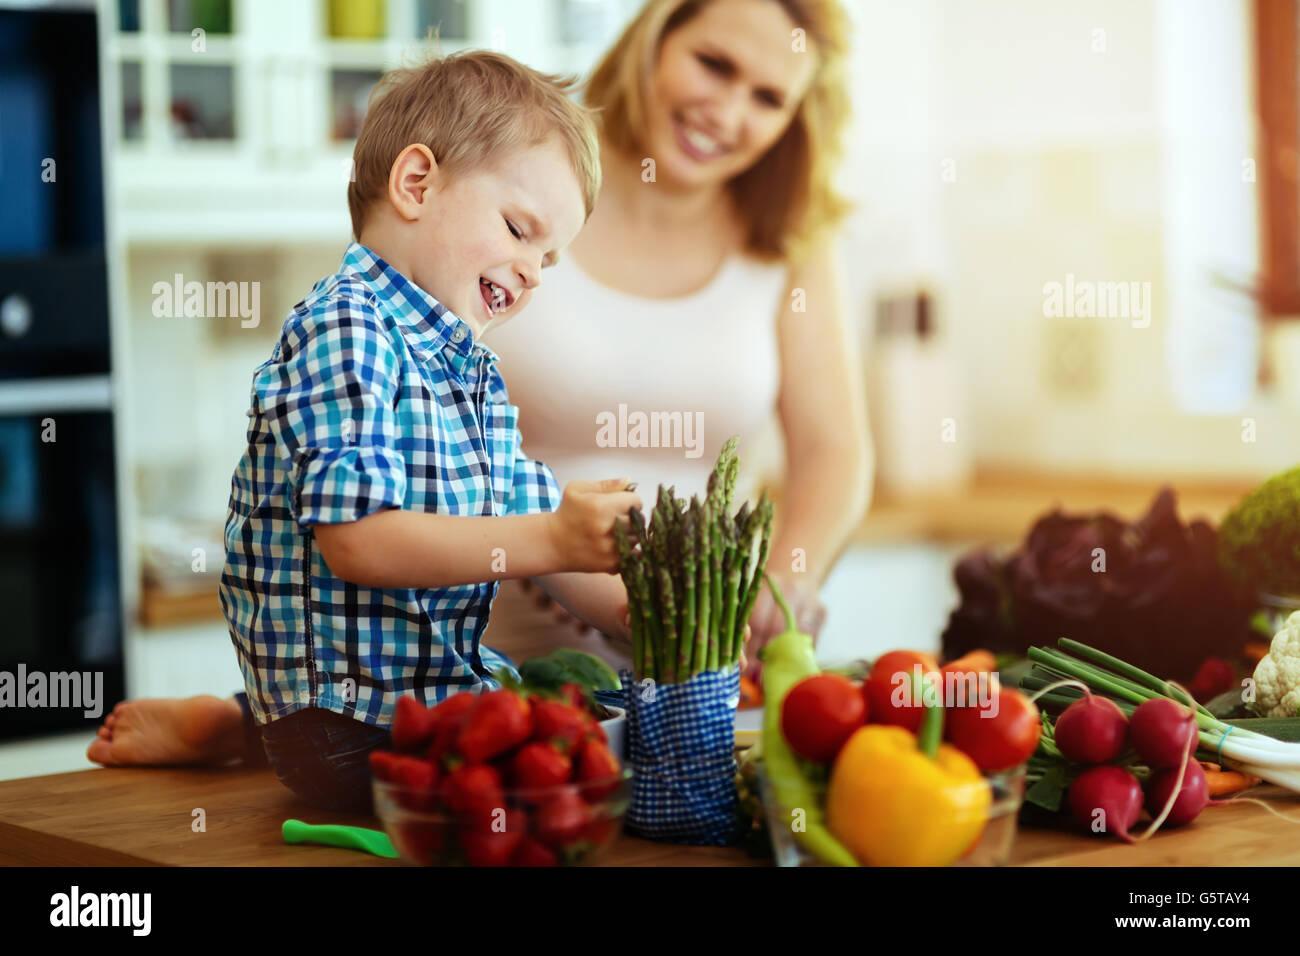 Mutter und Kind bereitet Mittagessen in Küche Stockbild